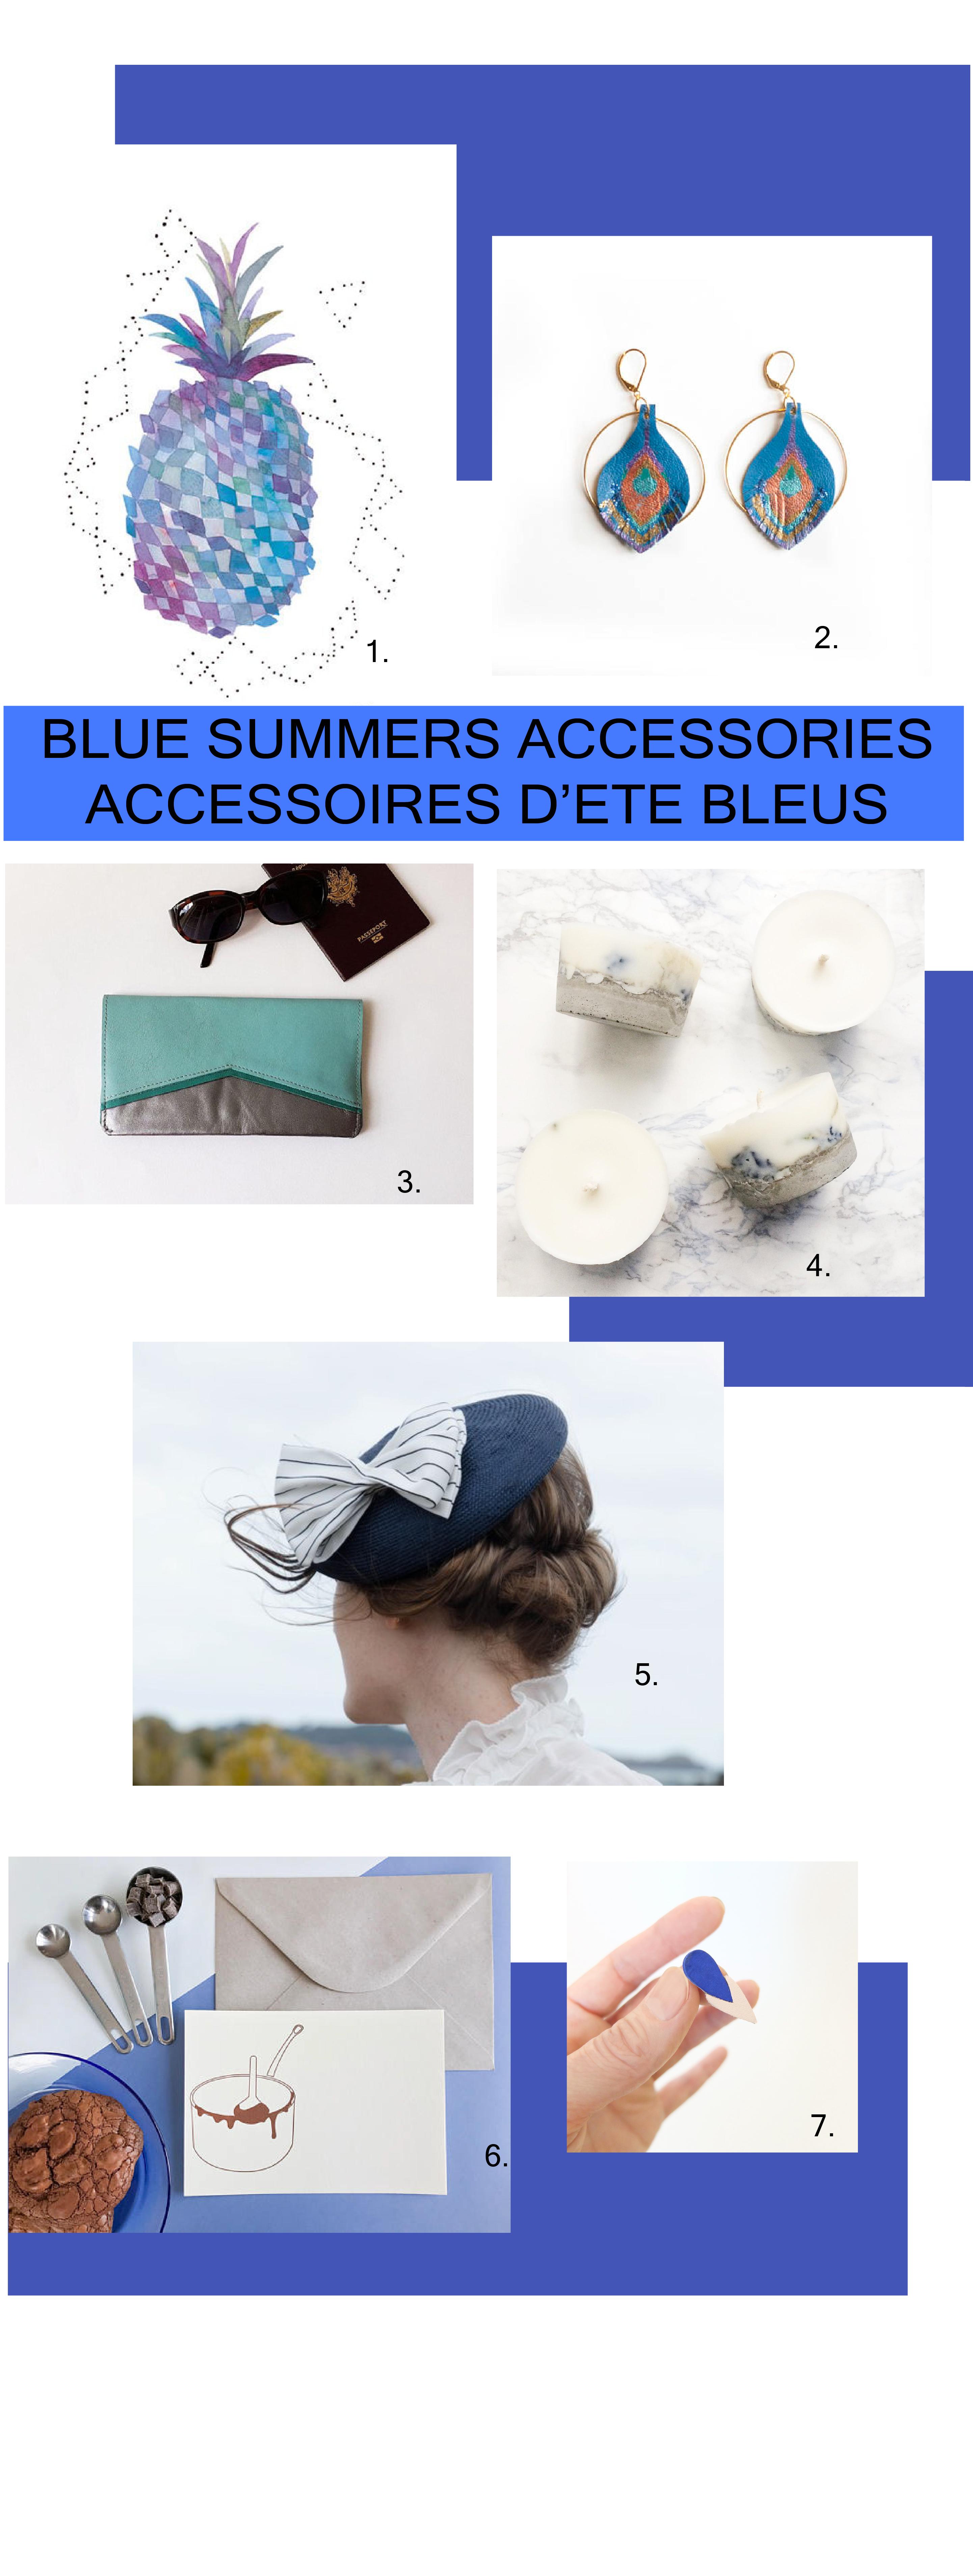 Créations de la Team Petit Paris: Thévy Guex, Sarah Rosset Texier, Kraftille, WAW; Chenoha Studio, Akabé Paris, Ponoie